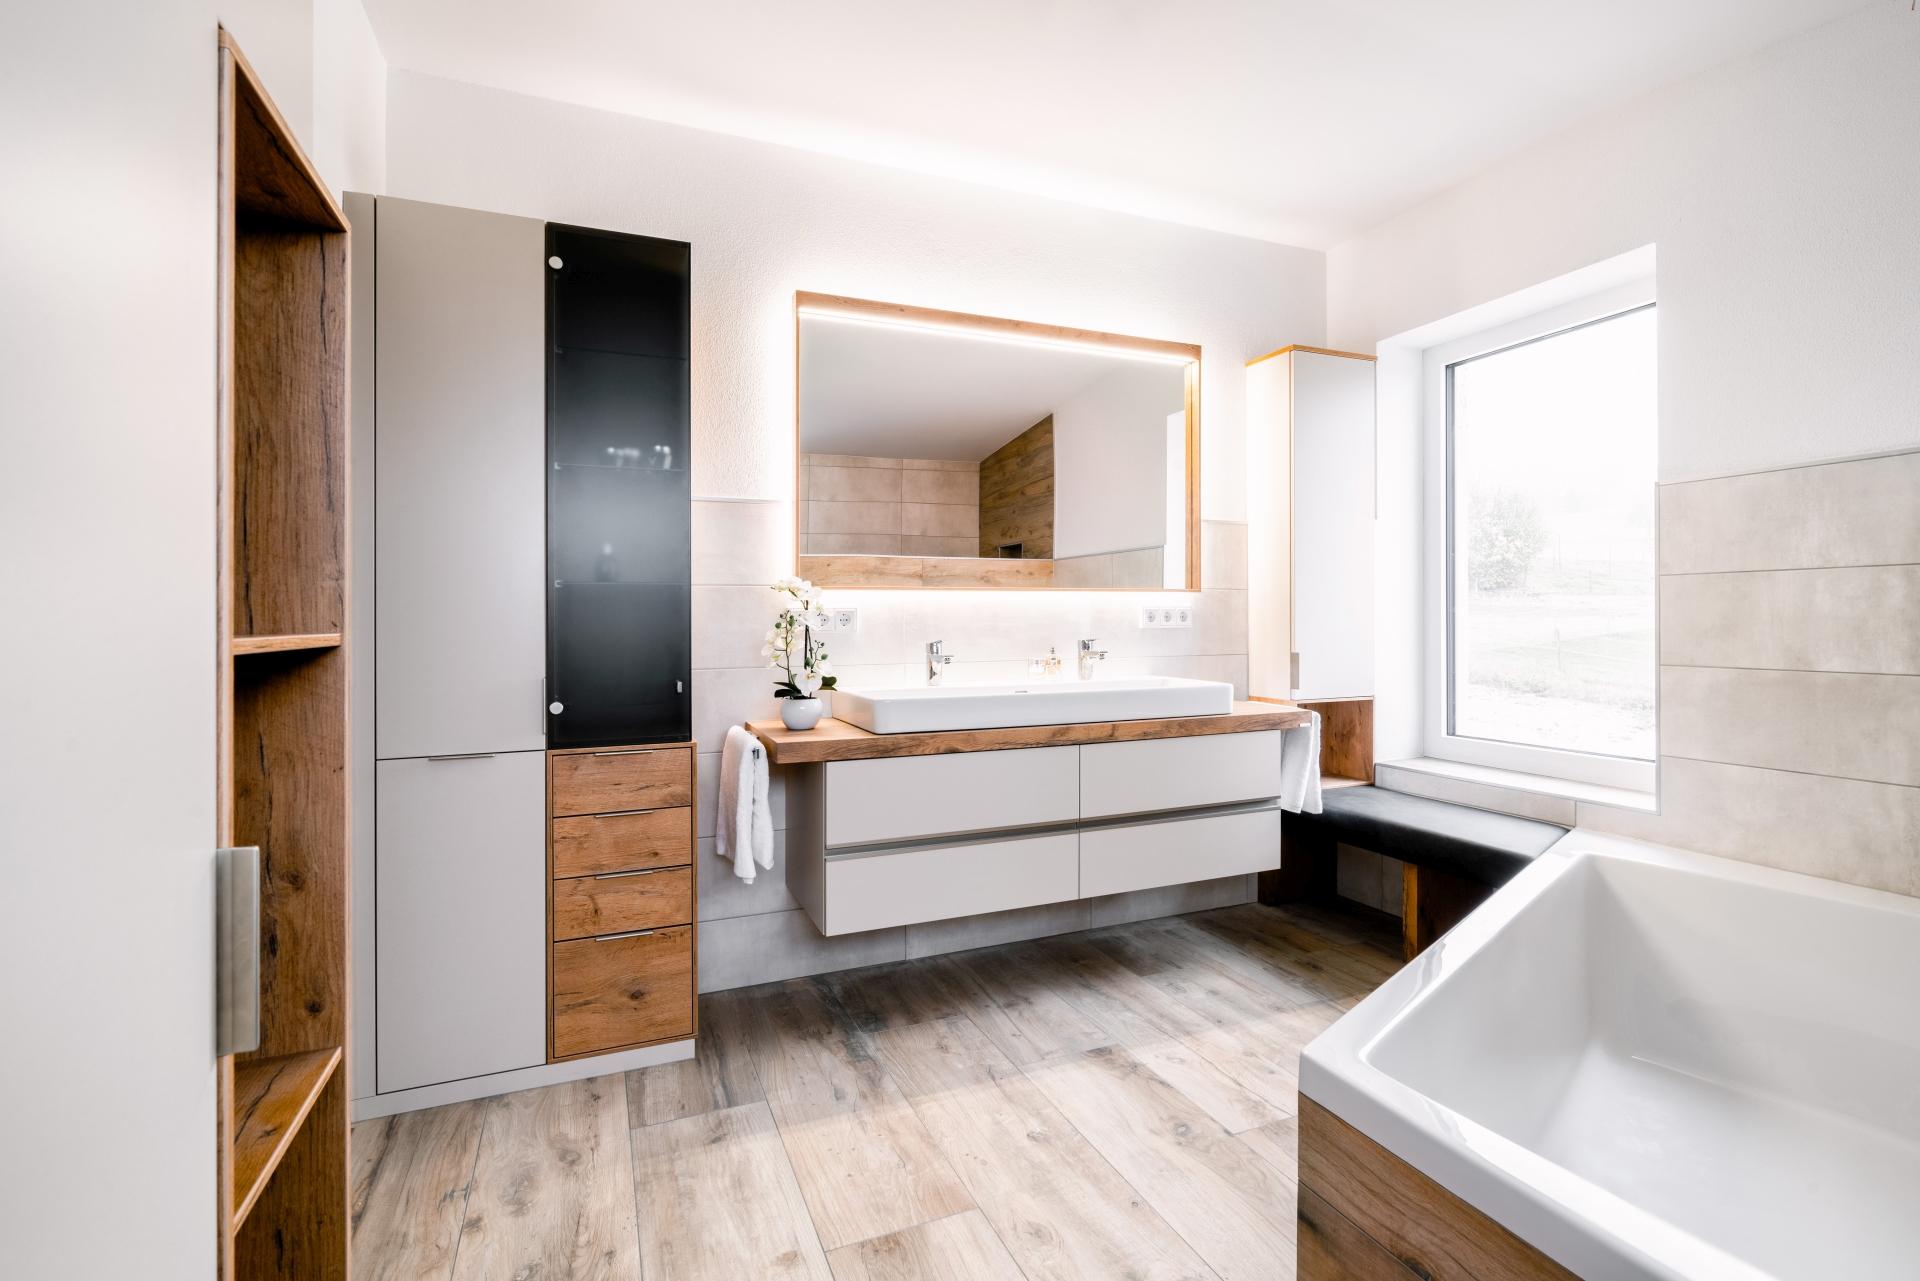 Badezimmer von Böhm Möbel: Bad-Möbel kaufen nahe Freistadt